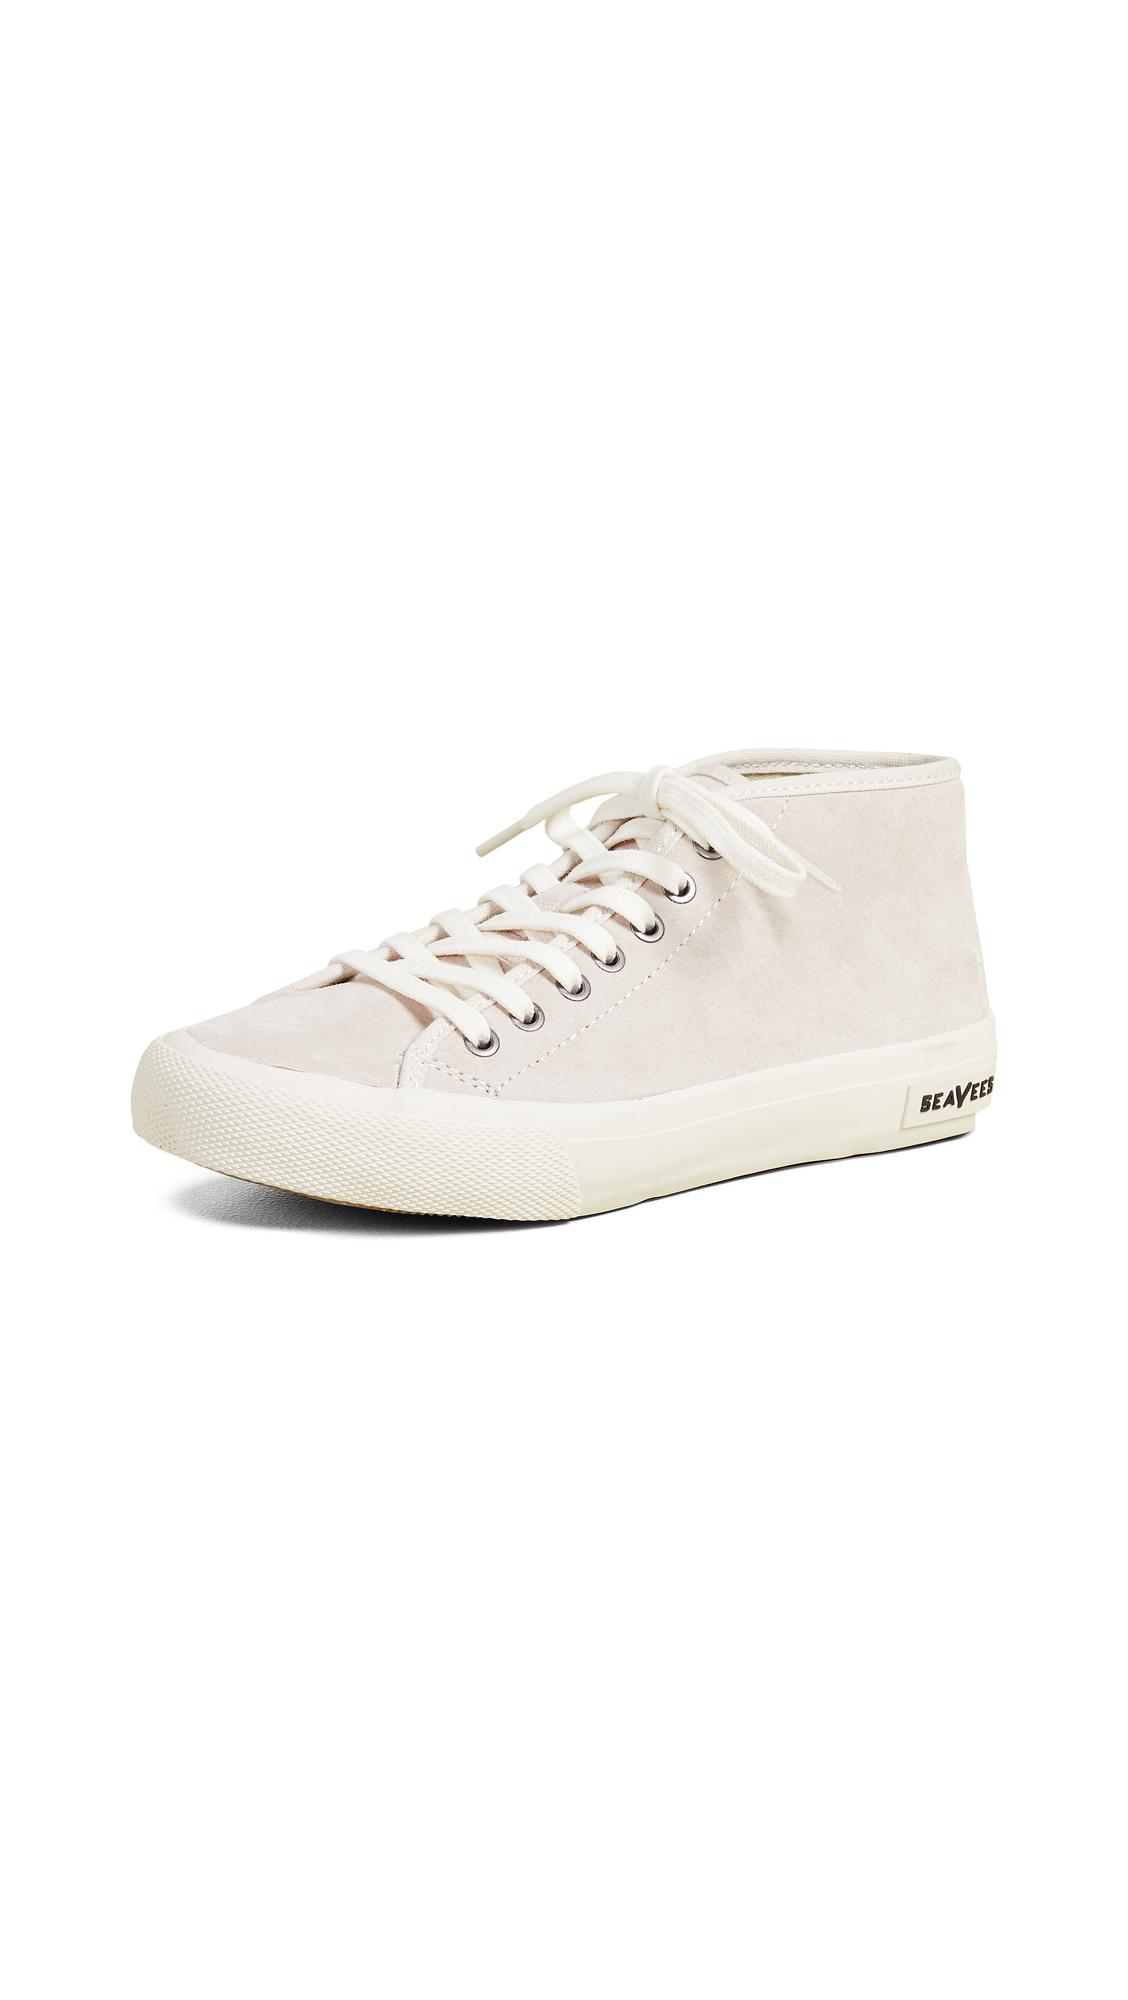 SeaVees CA Special Sneakers - Ecru